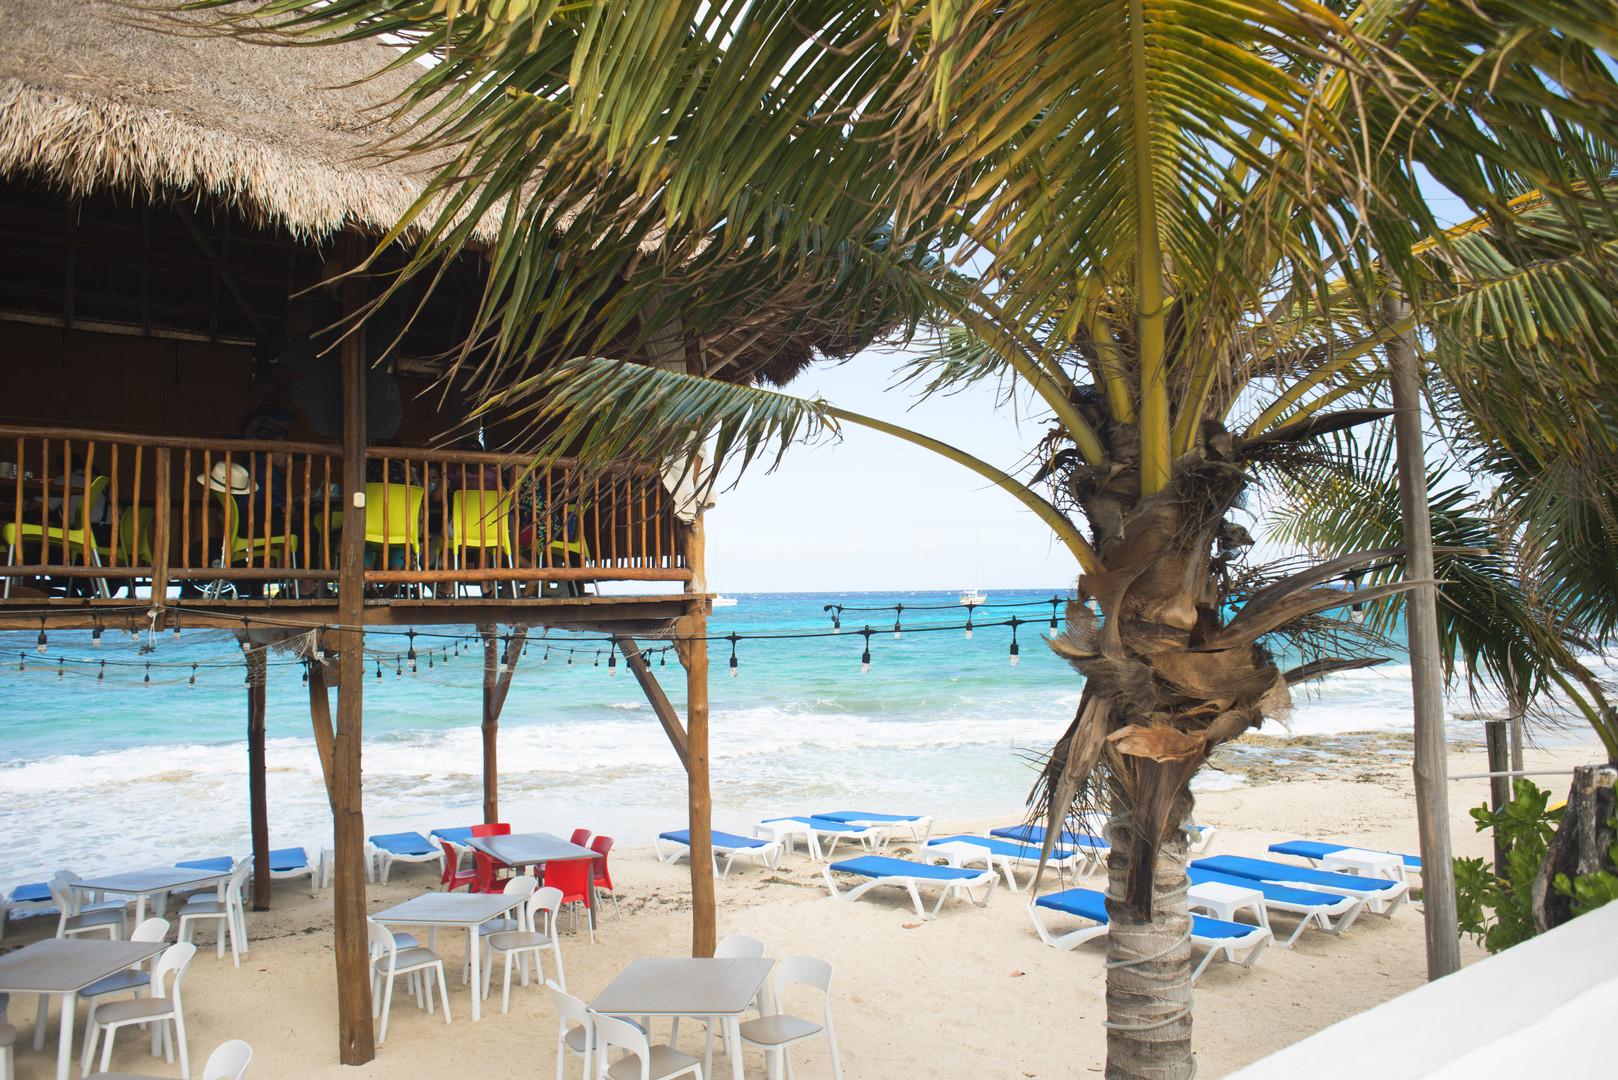 Waterfront breakfast in Cozumel